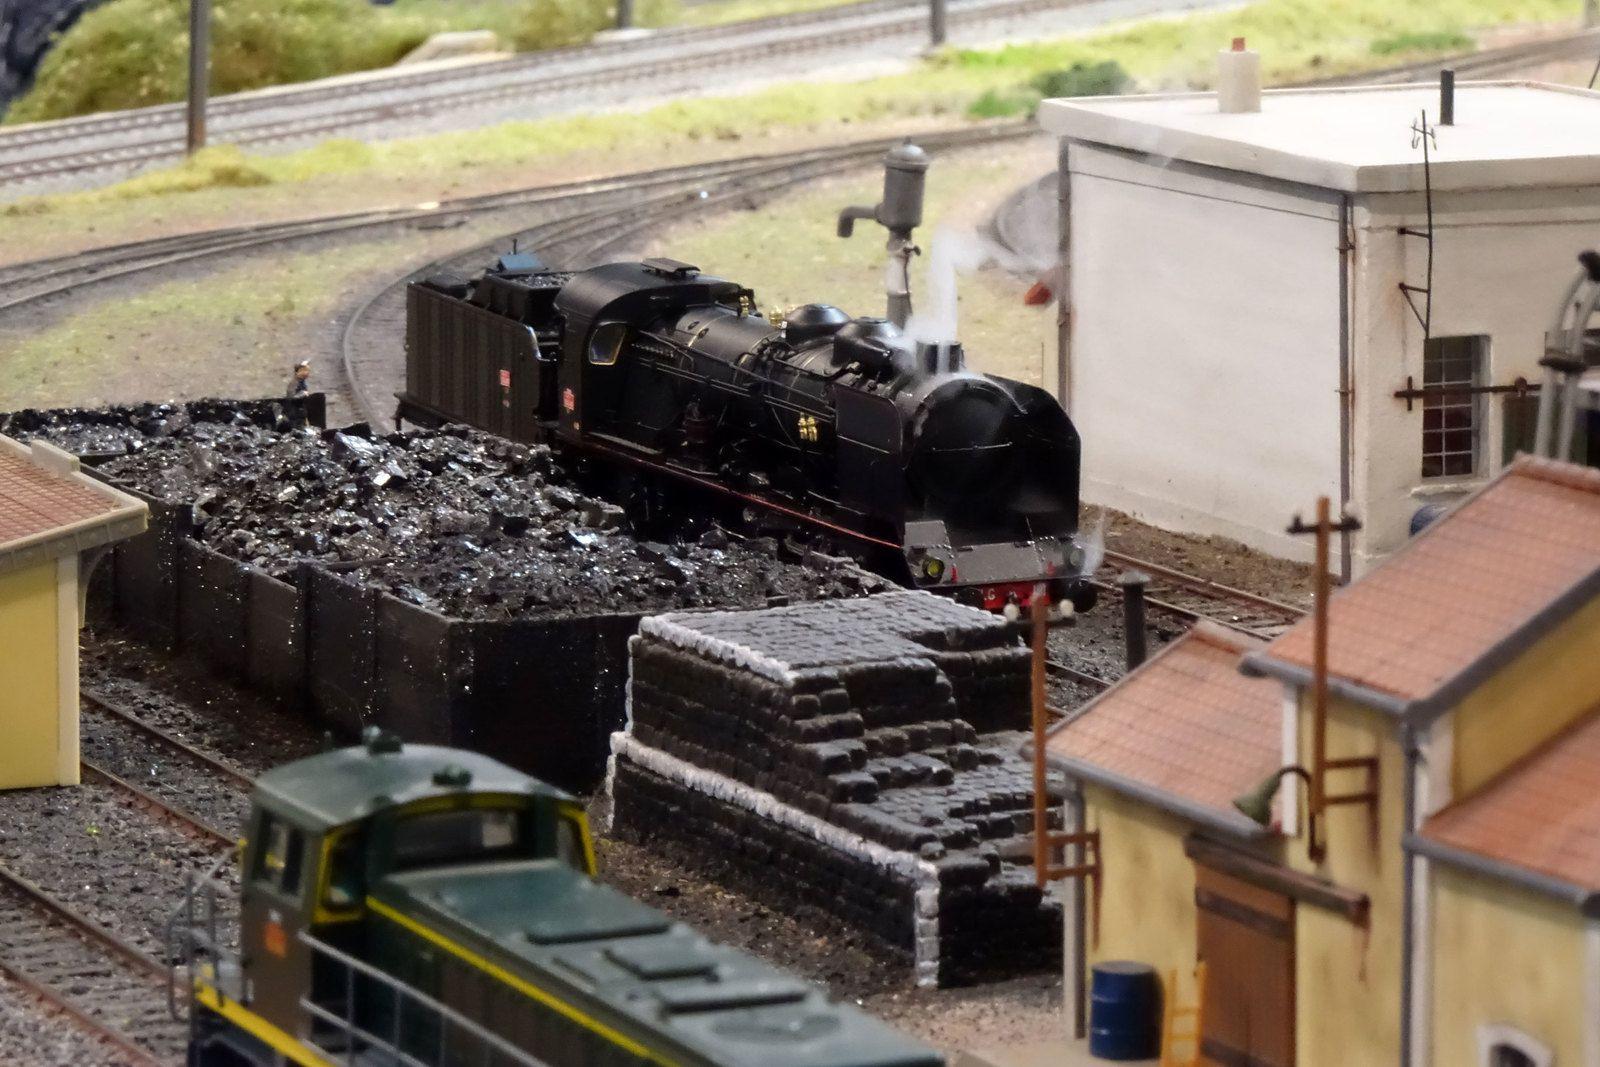 Une 231 G arrive sur une voie d'entrée du dépôt de Noisy-le-Petit.